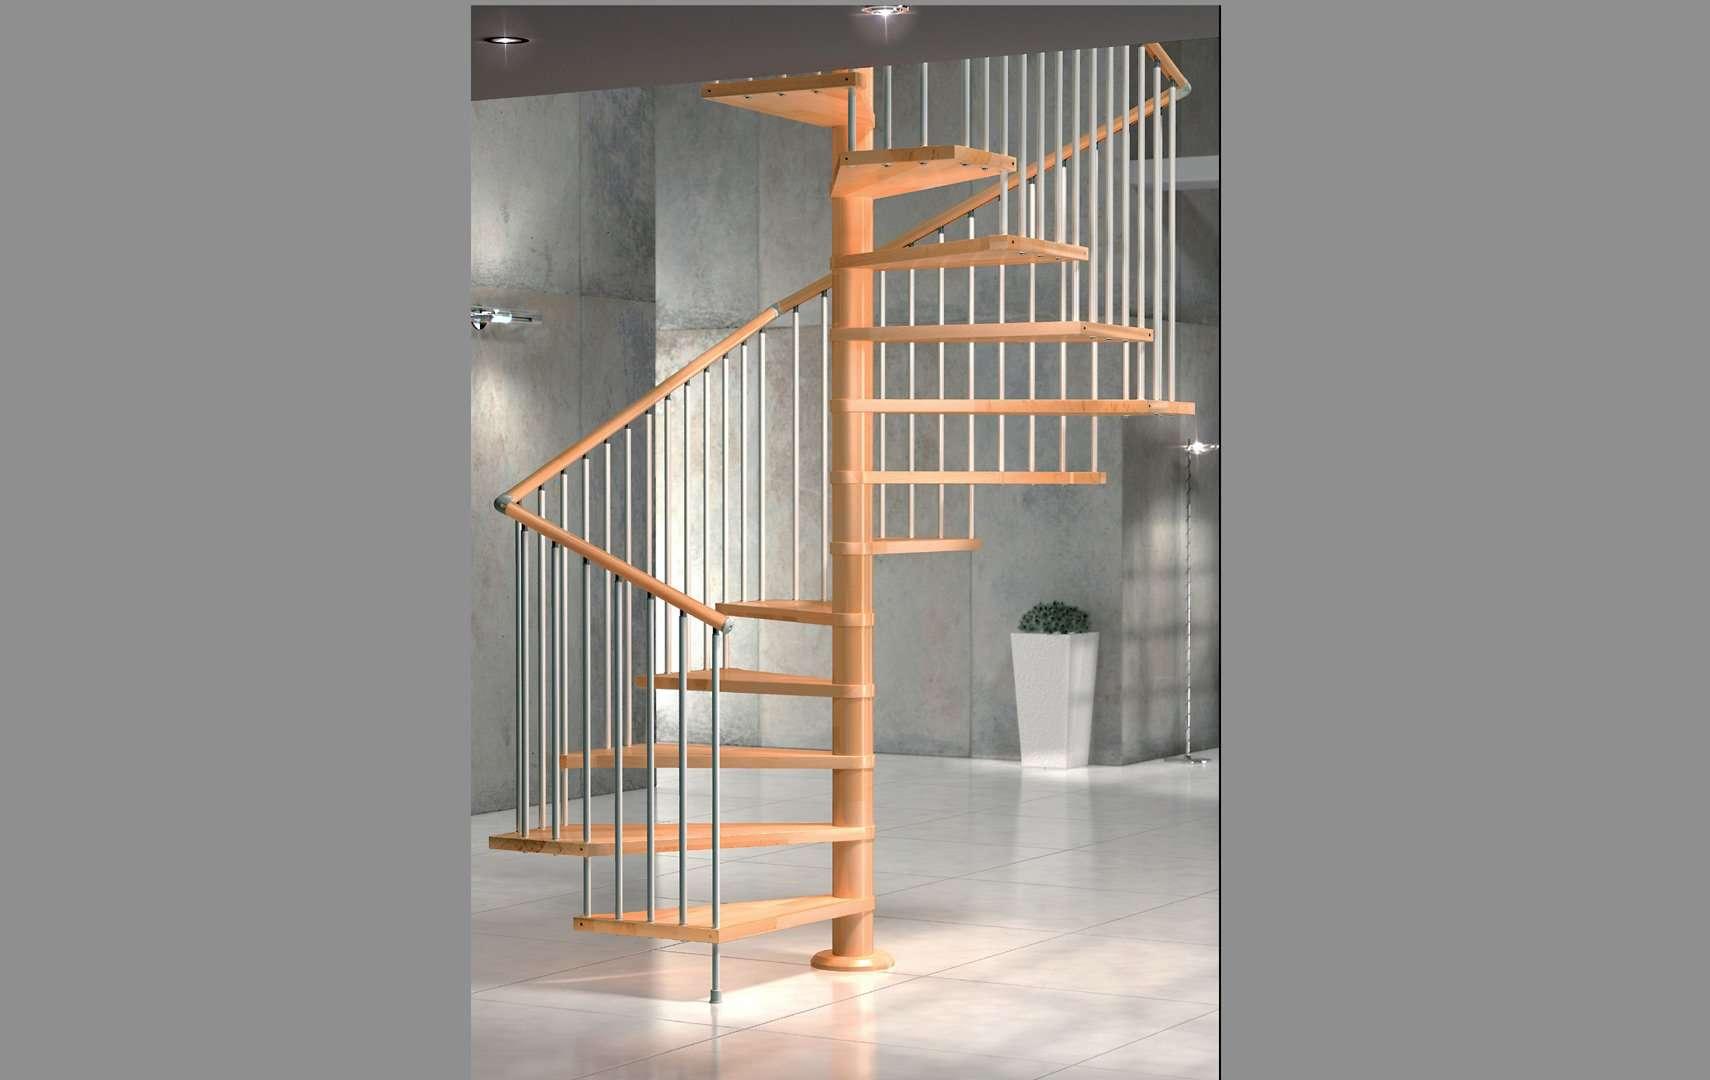 Vip ampia scelta di scale a chiocciola e scale - Cancelletti per scale a chiocciola ...